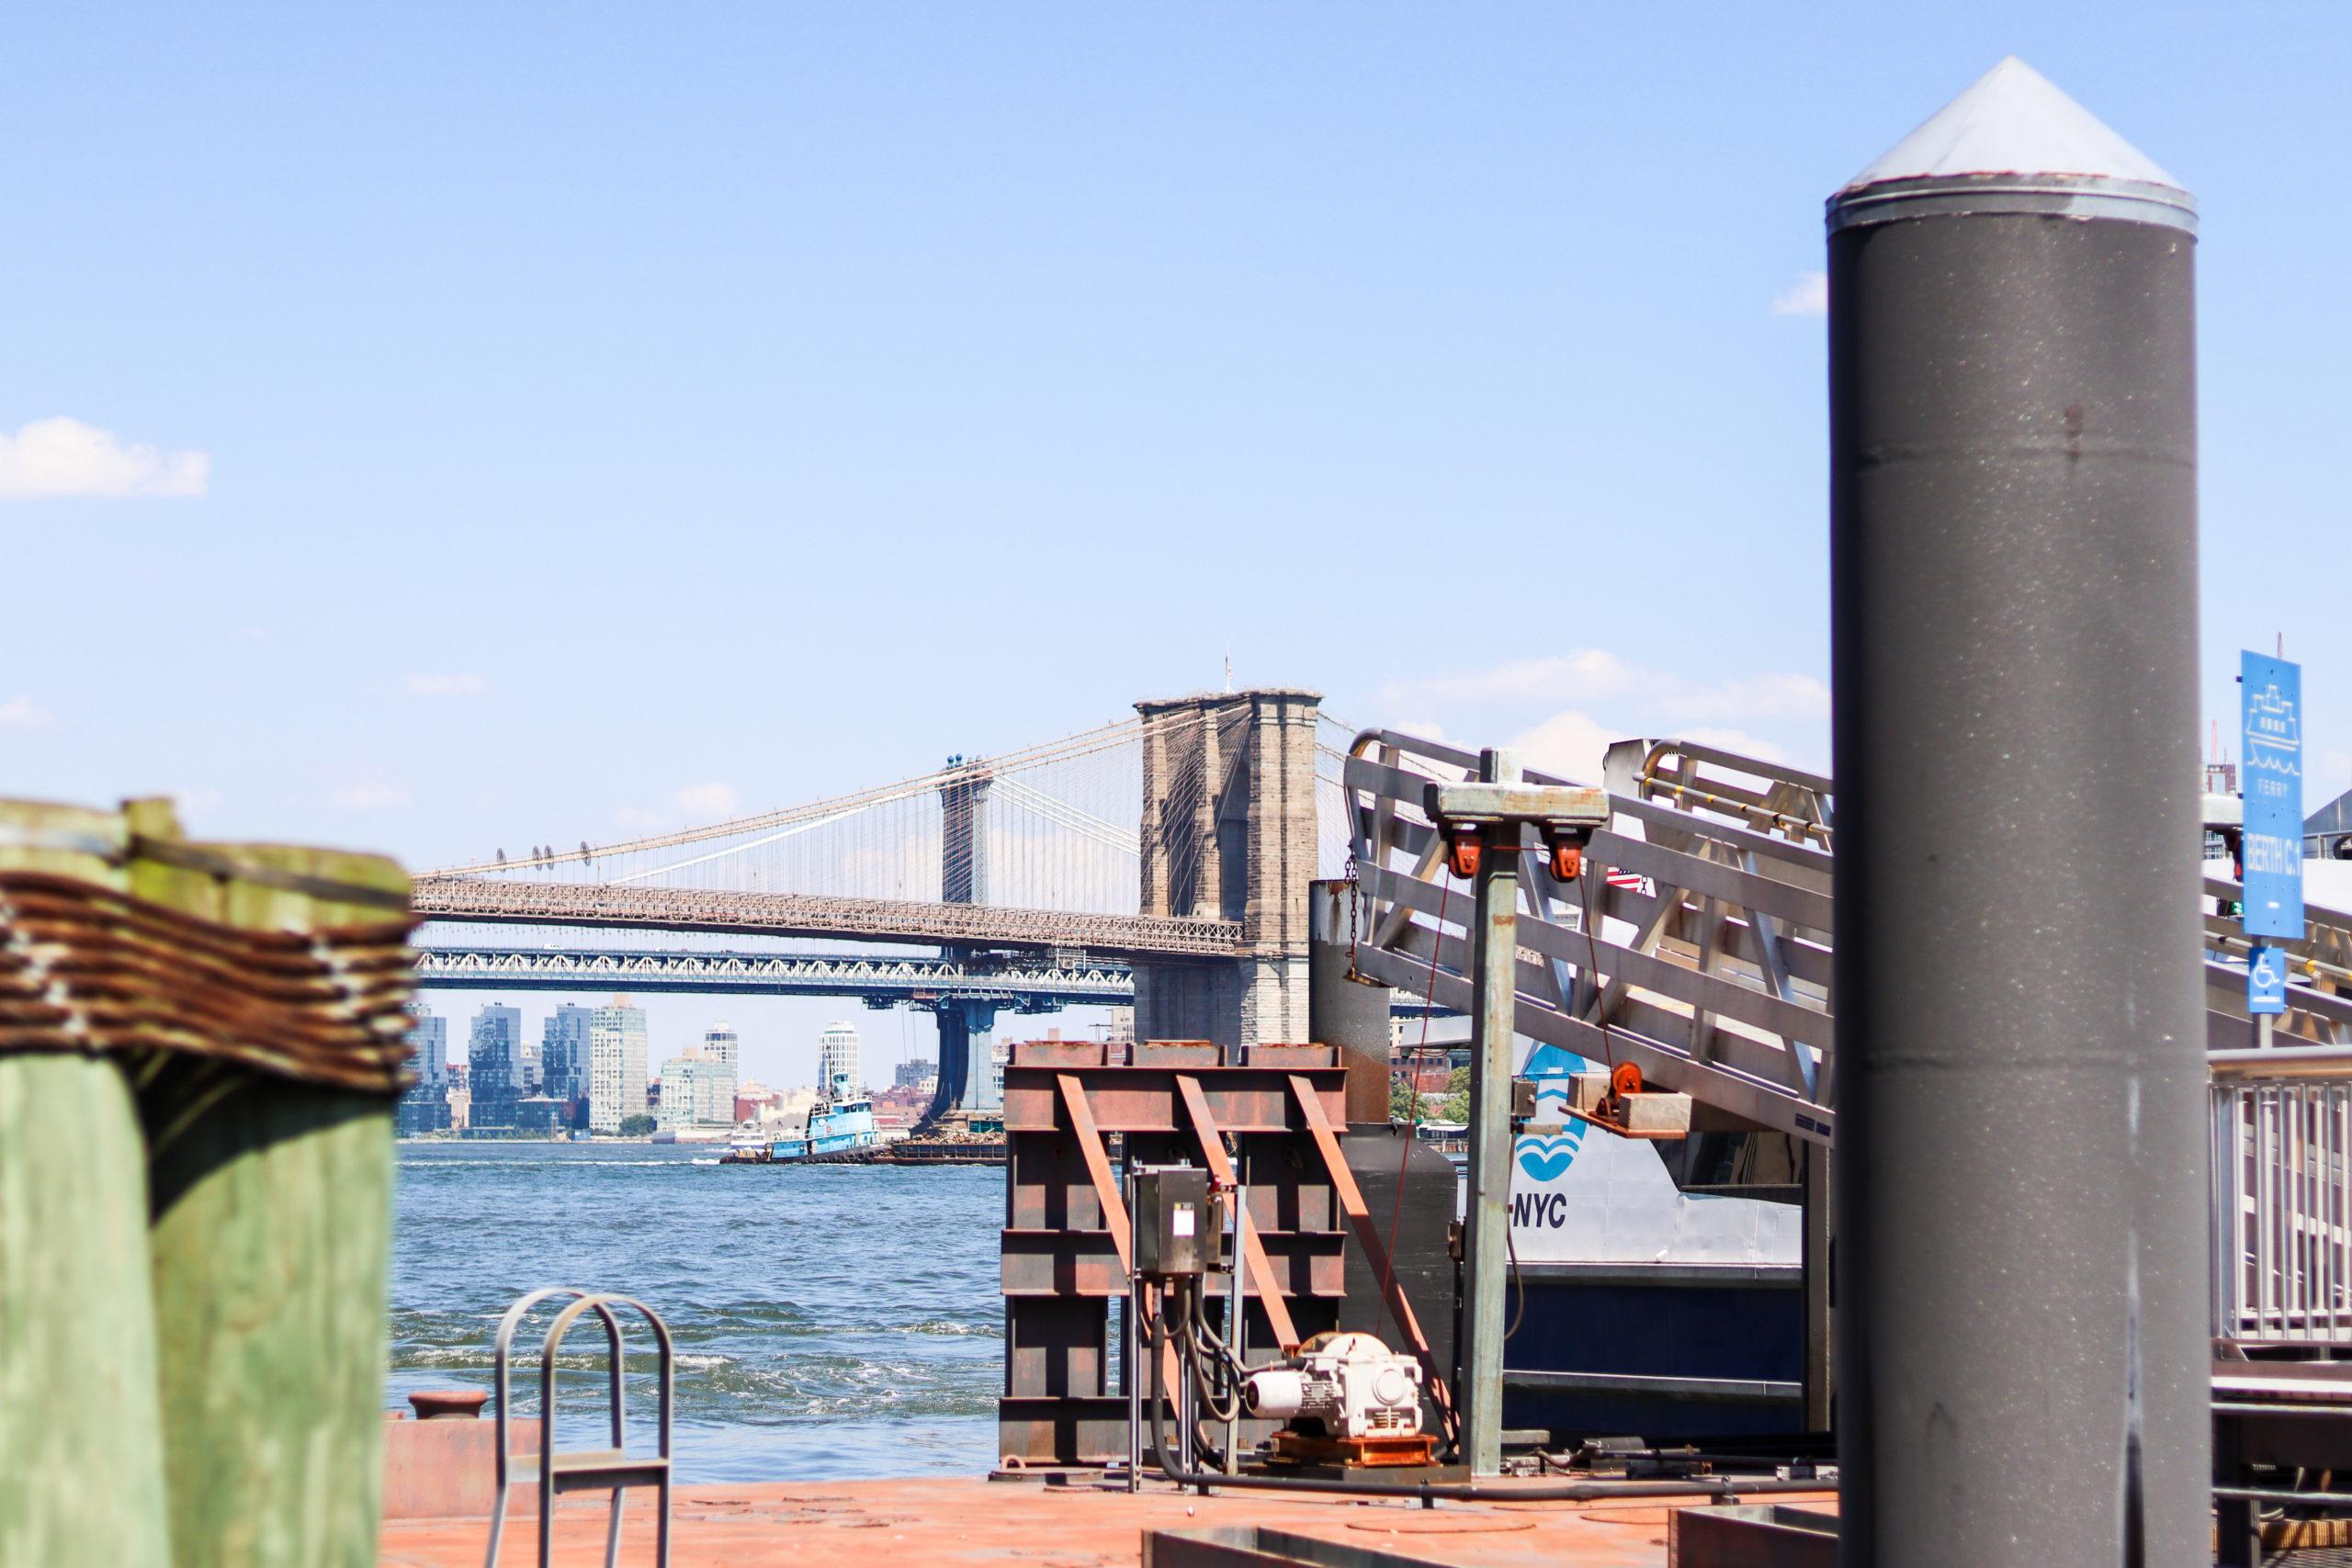 NYC Ferry docks